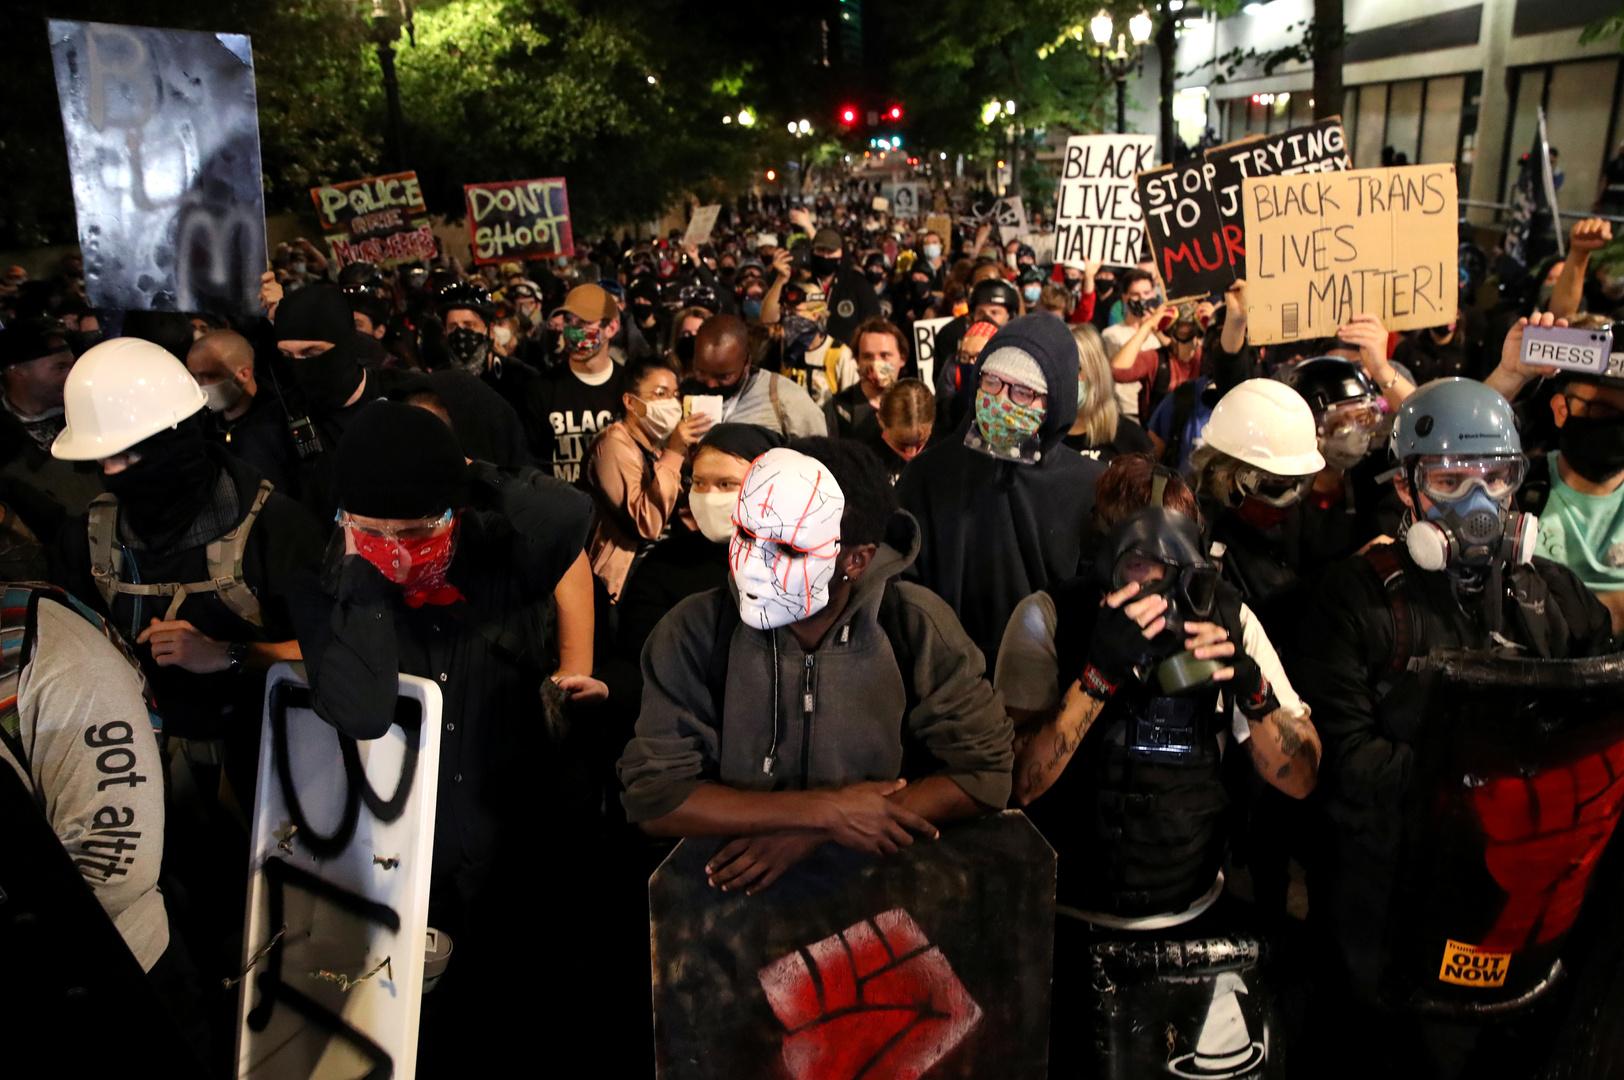 احتجاجات على عنصرية رجال الشرطة  في مدينة بورنلاند الأمريكية